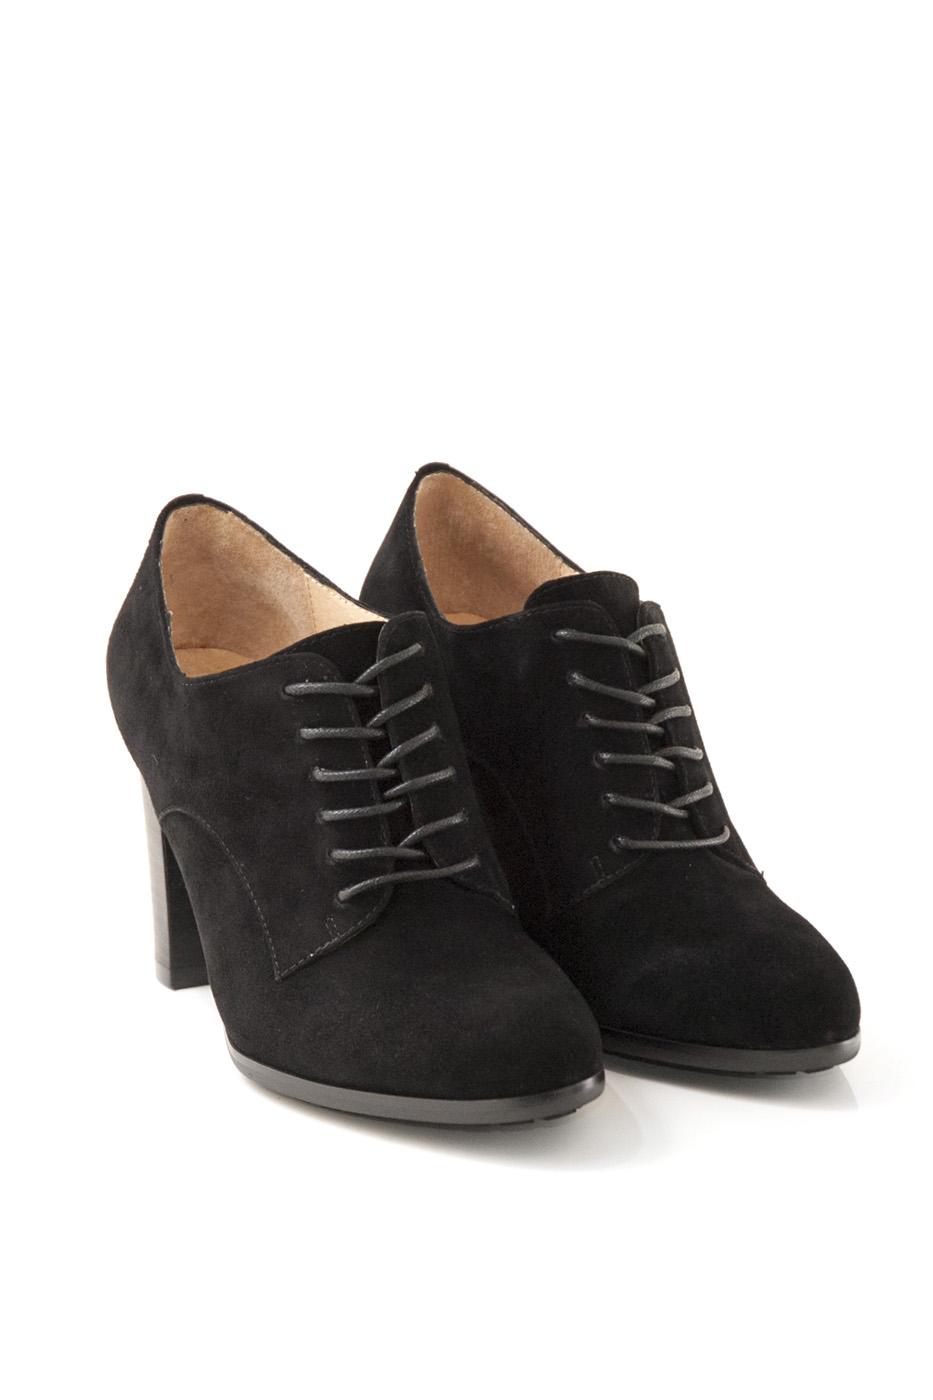 Туфли Valley брюки женские asics tailored pant цвет черный 2032a293 001 размер m 46 48